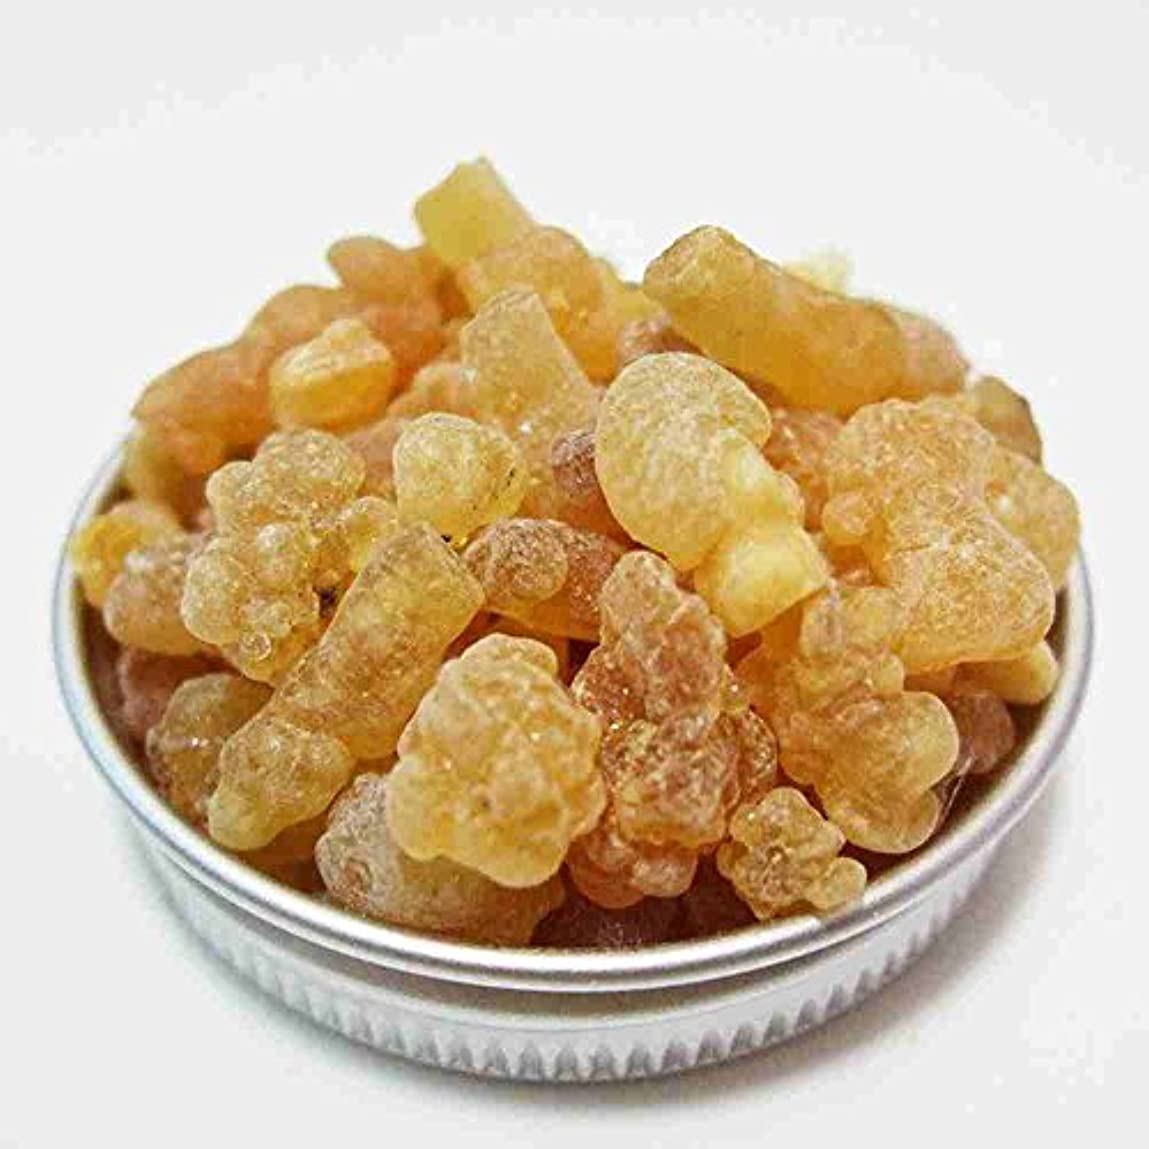 オセアニア小川混乱したフランキンセンス Frsnkincense (乳香) 天然樹脂香 フランキンセンス(乳香), 1 Ounce (28 g)